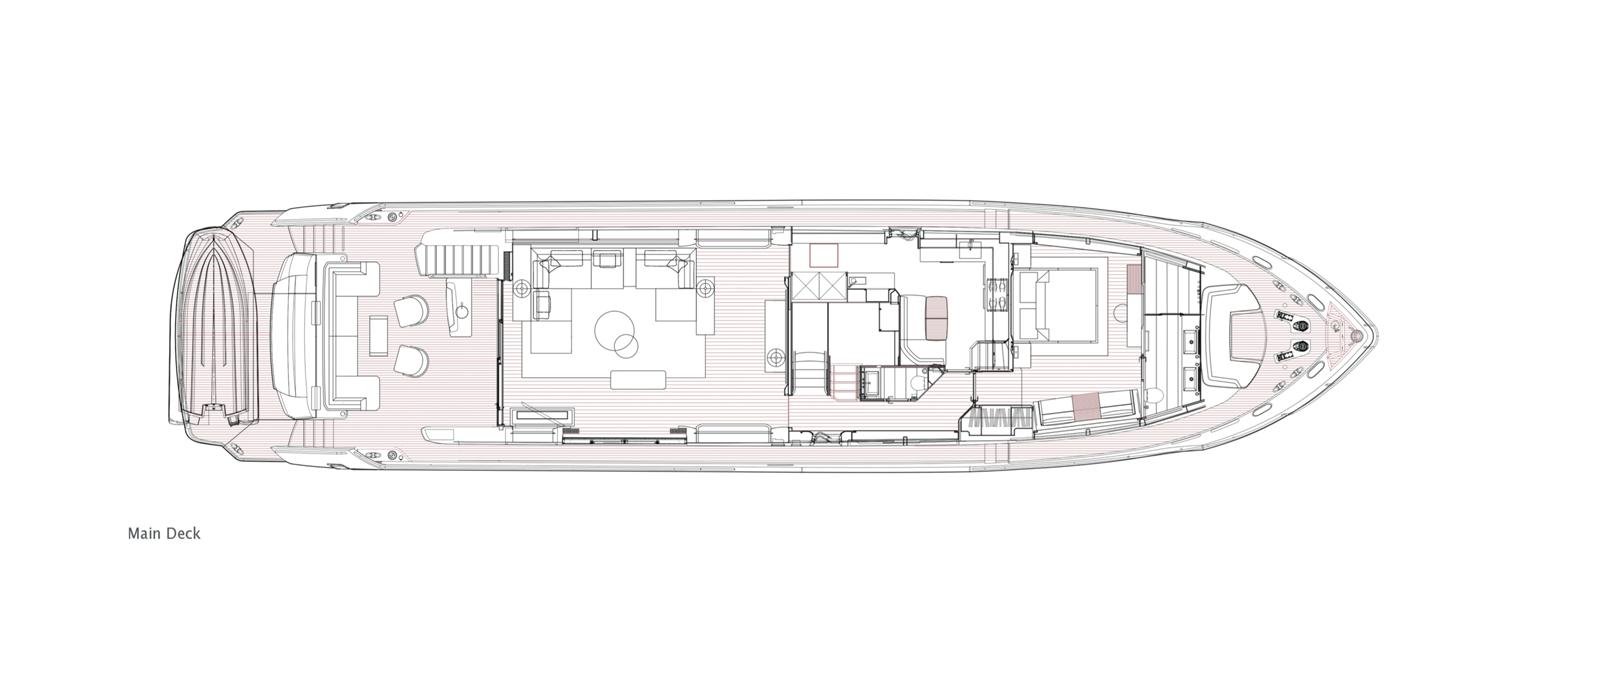 Princess 30 Metre Yacht Bandazul - Main Deck GA